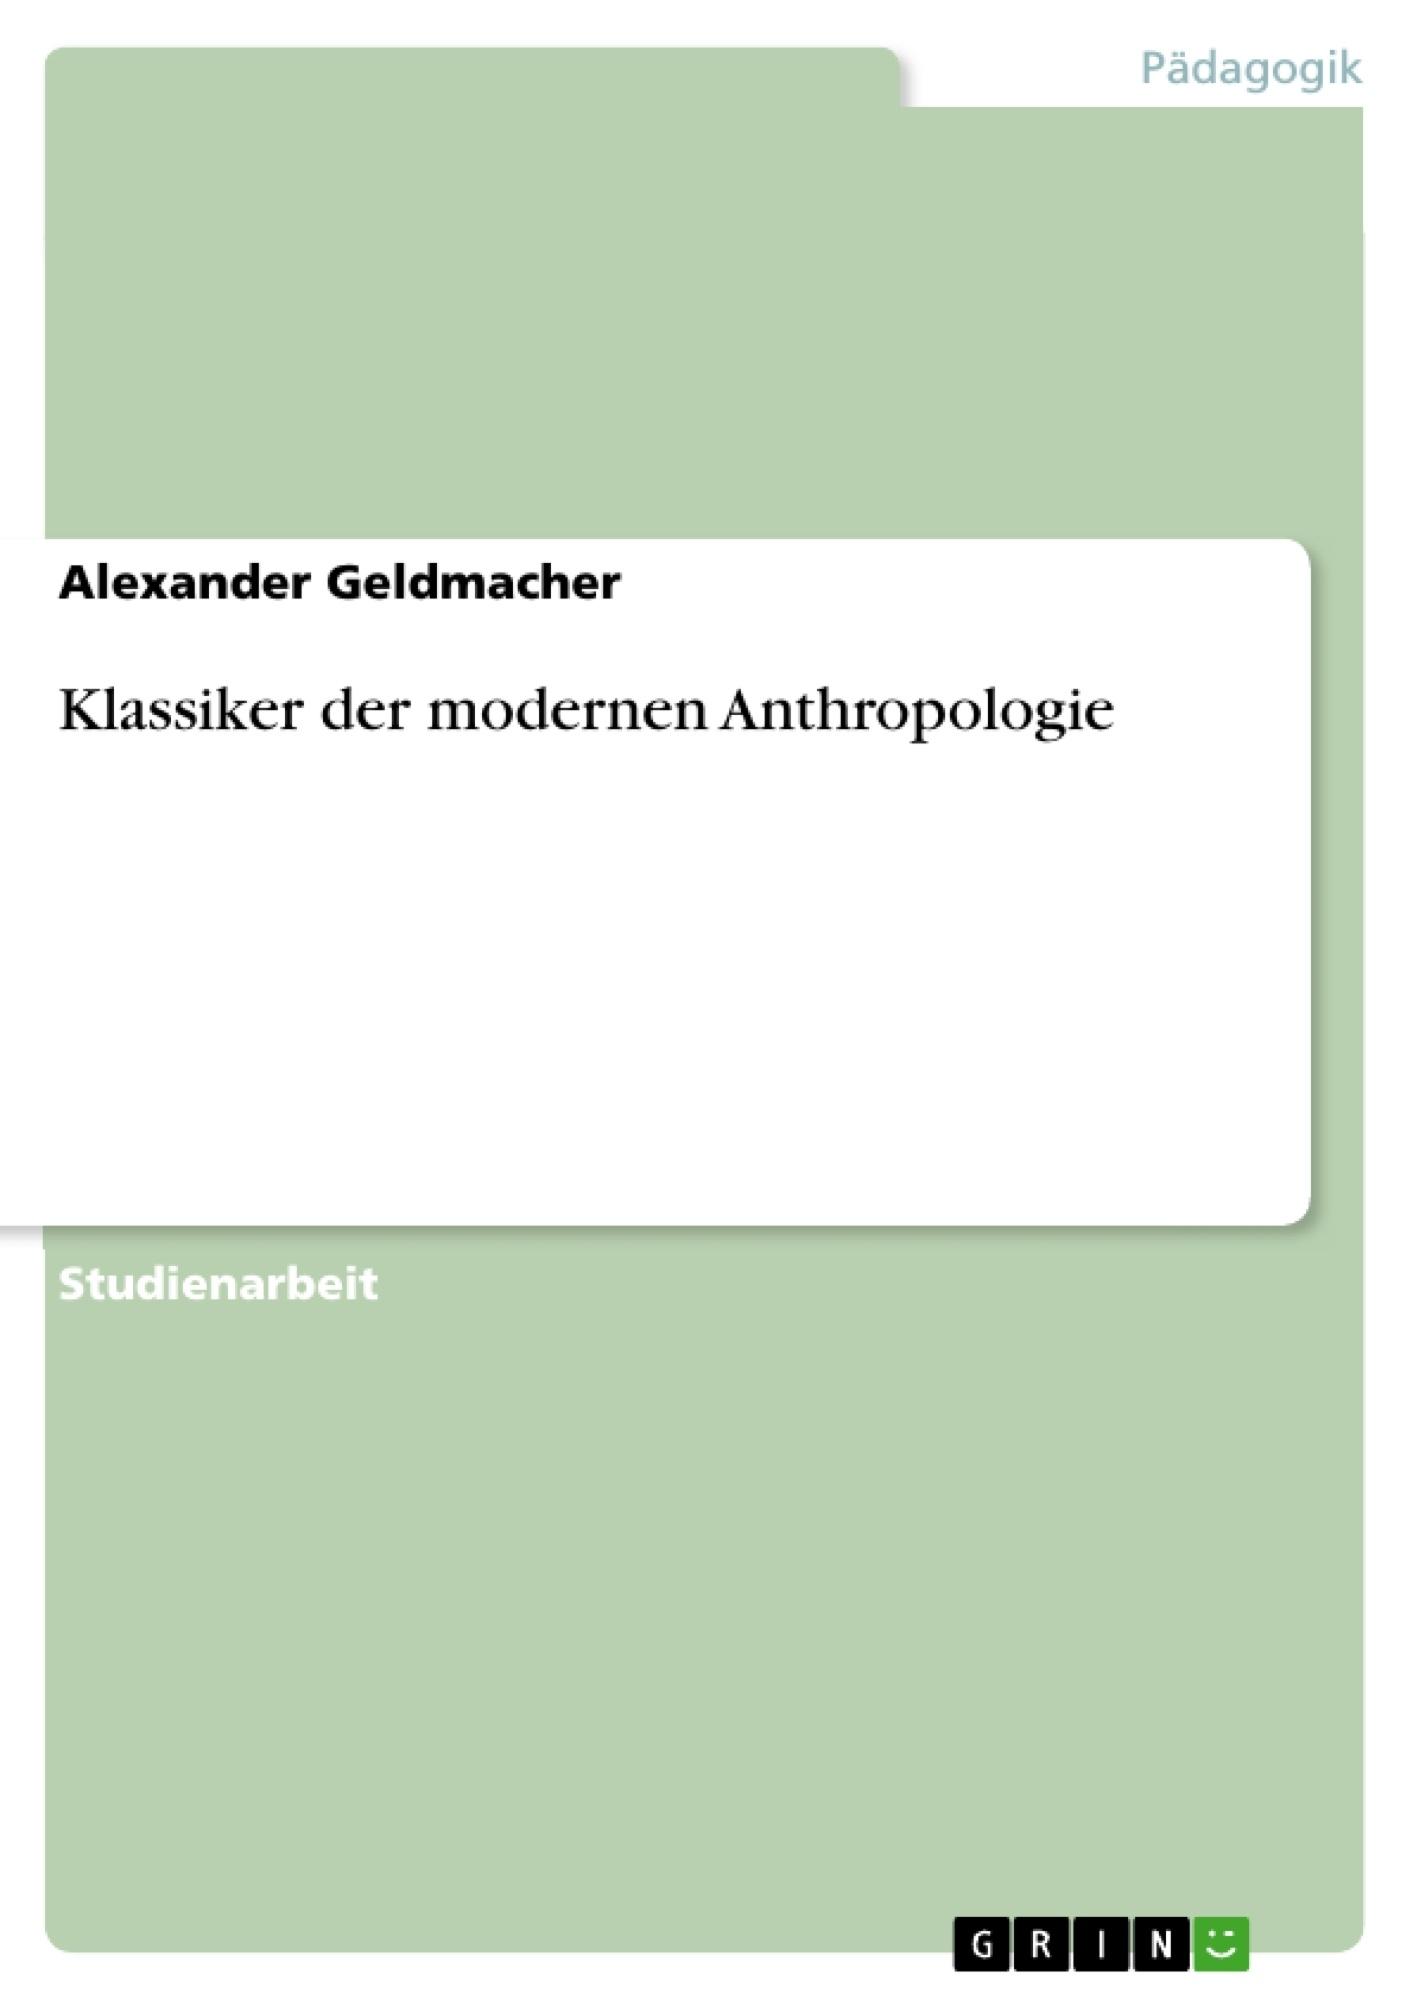 Titel: Klassiker der modernen Anthropologie